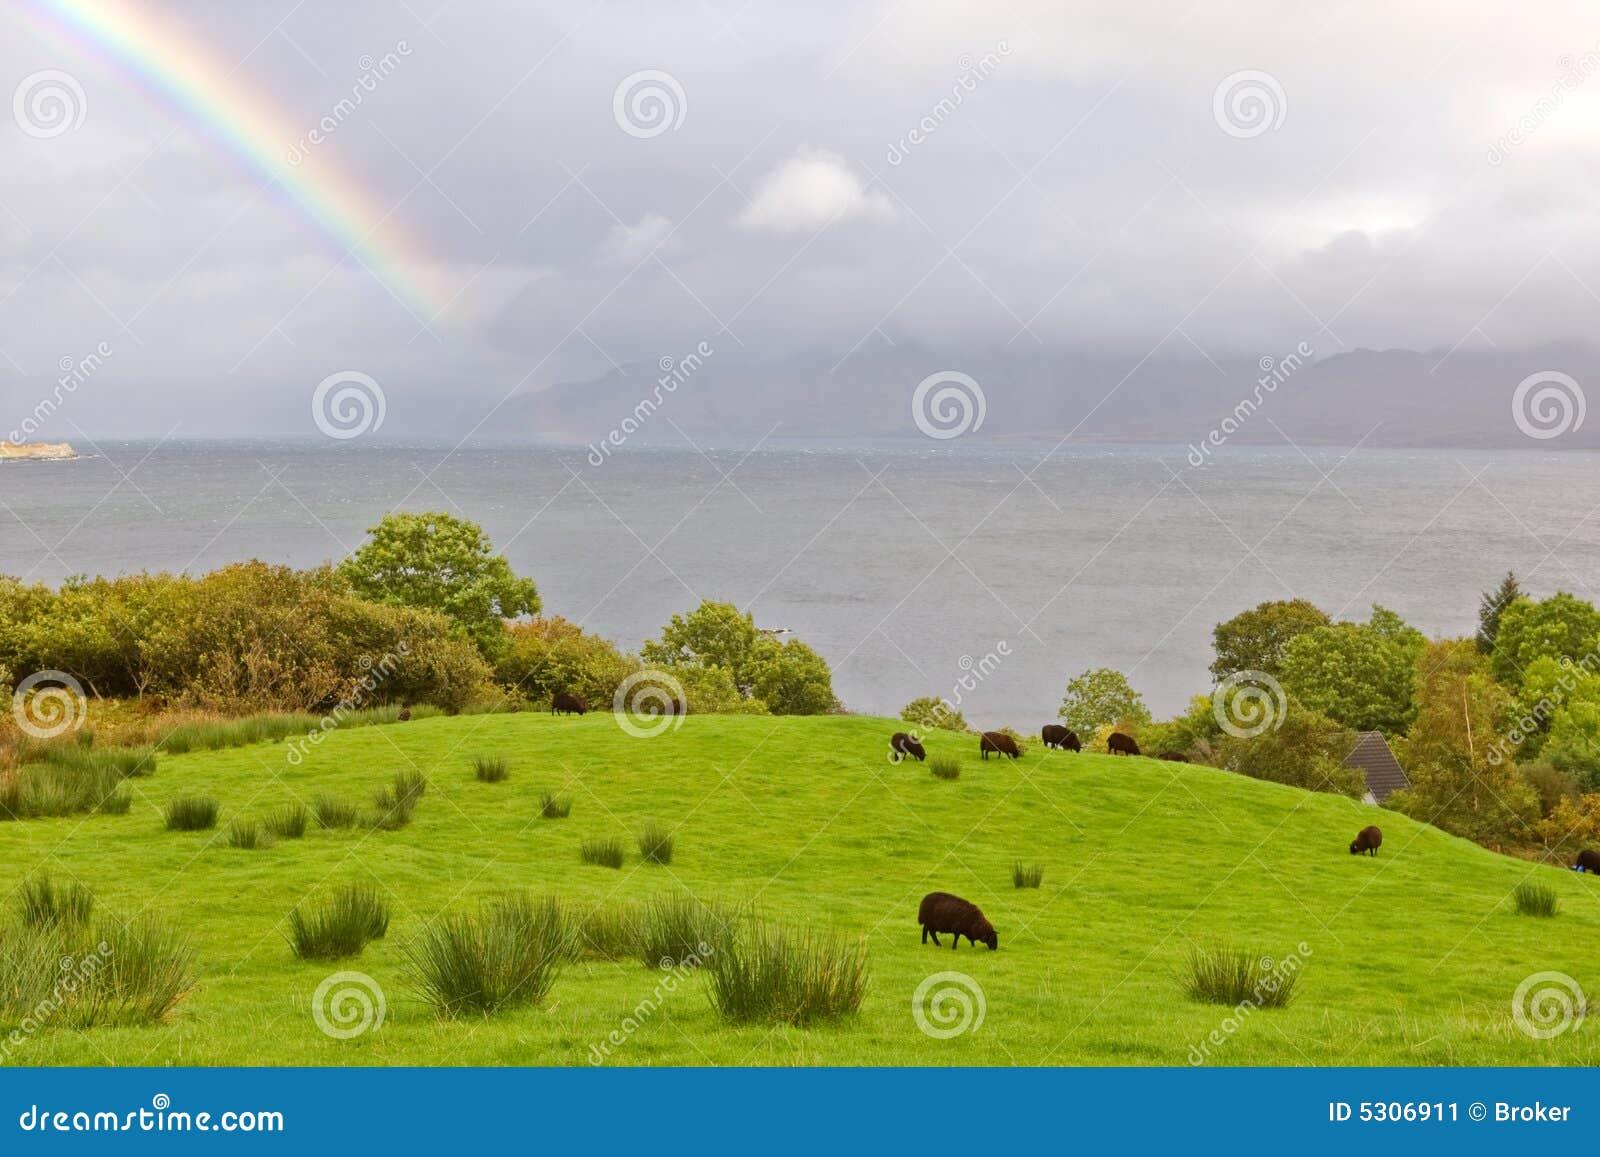 Download Rainbow Sopra Le Pecore Che Pascono Immagine Stock - Immagine di ambiente, bellezza: 5306911